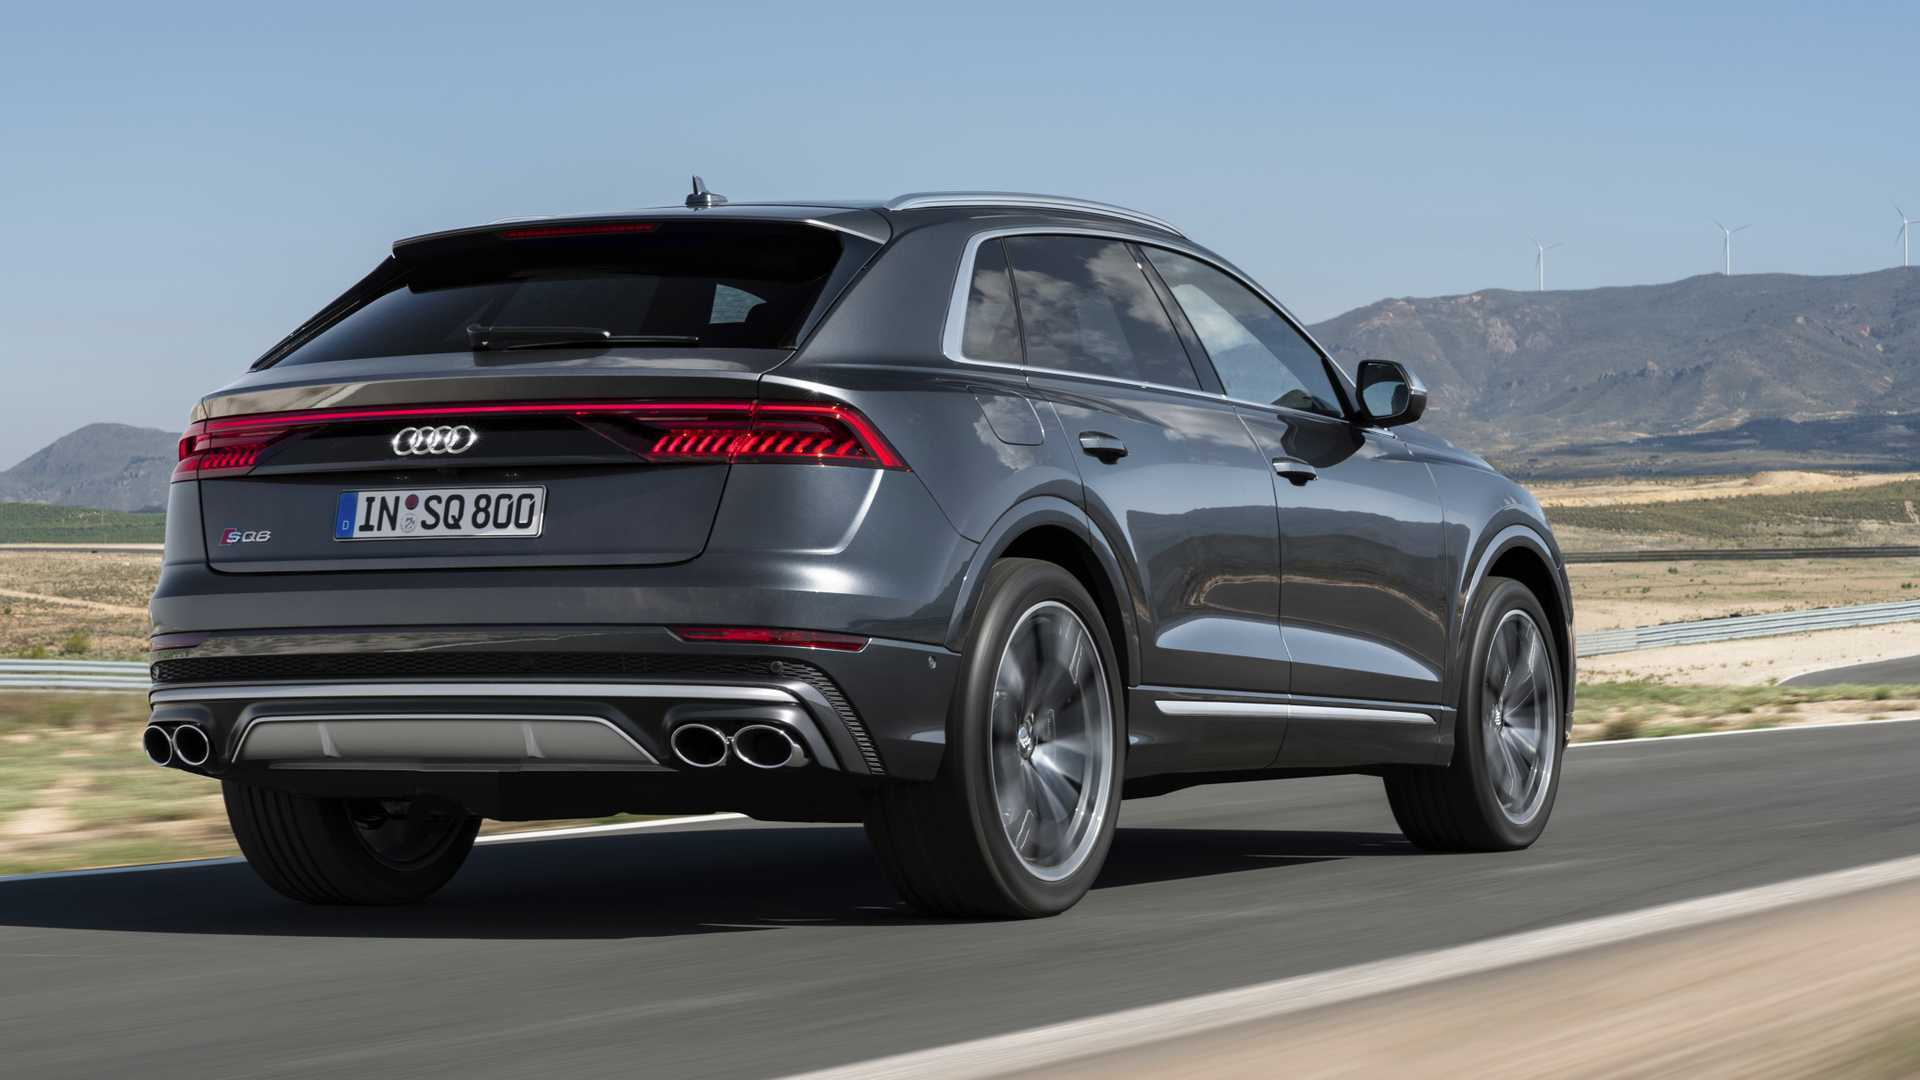 Audi Sq8 Tdi 2020 17